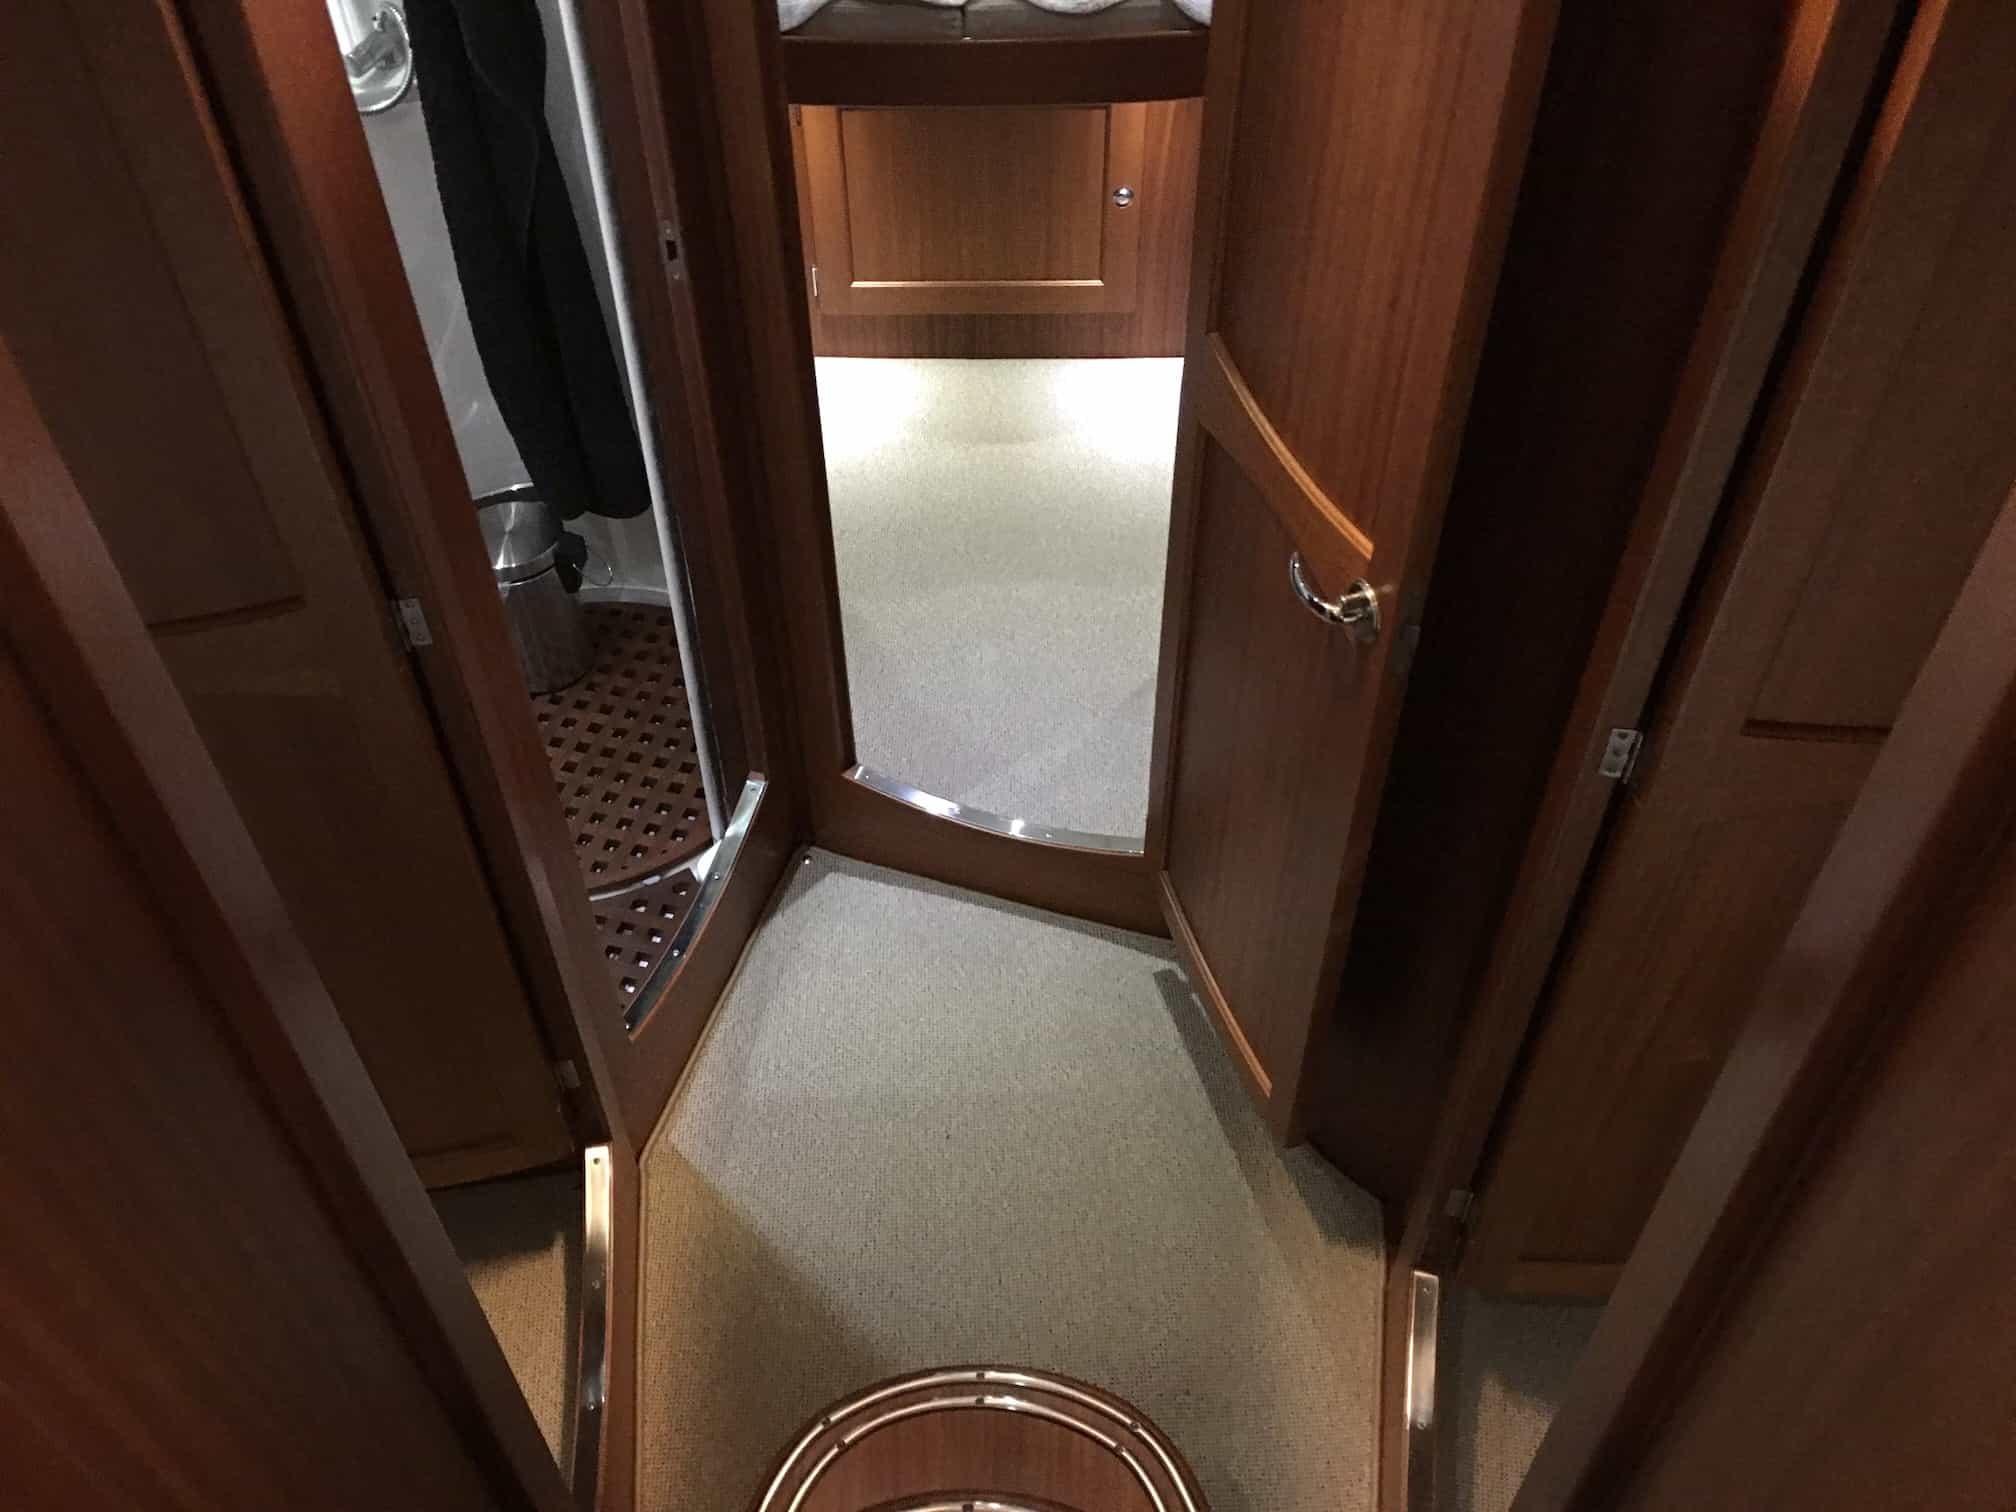 Nordvest 420 - kantsyede tæpper i båd - tæpper med kant #1